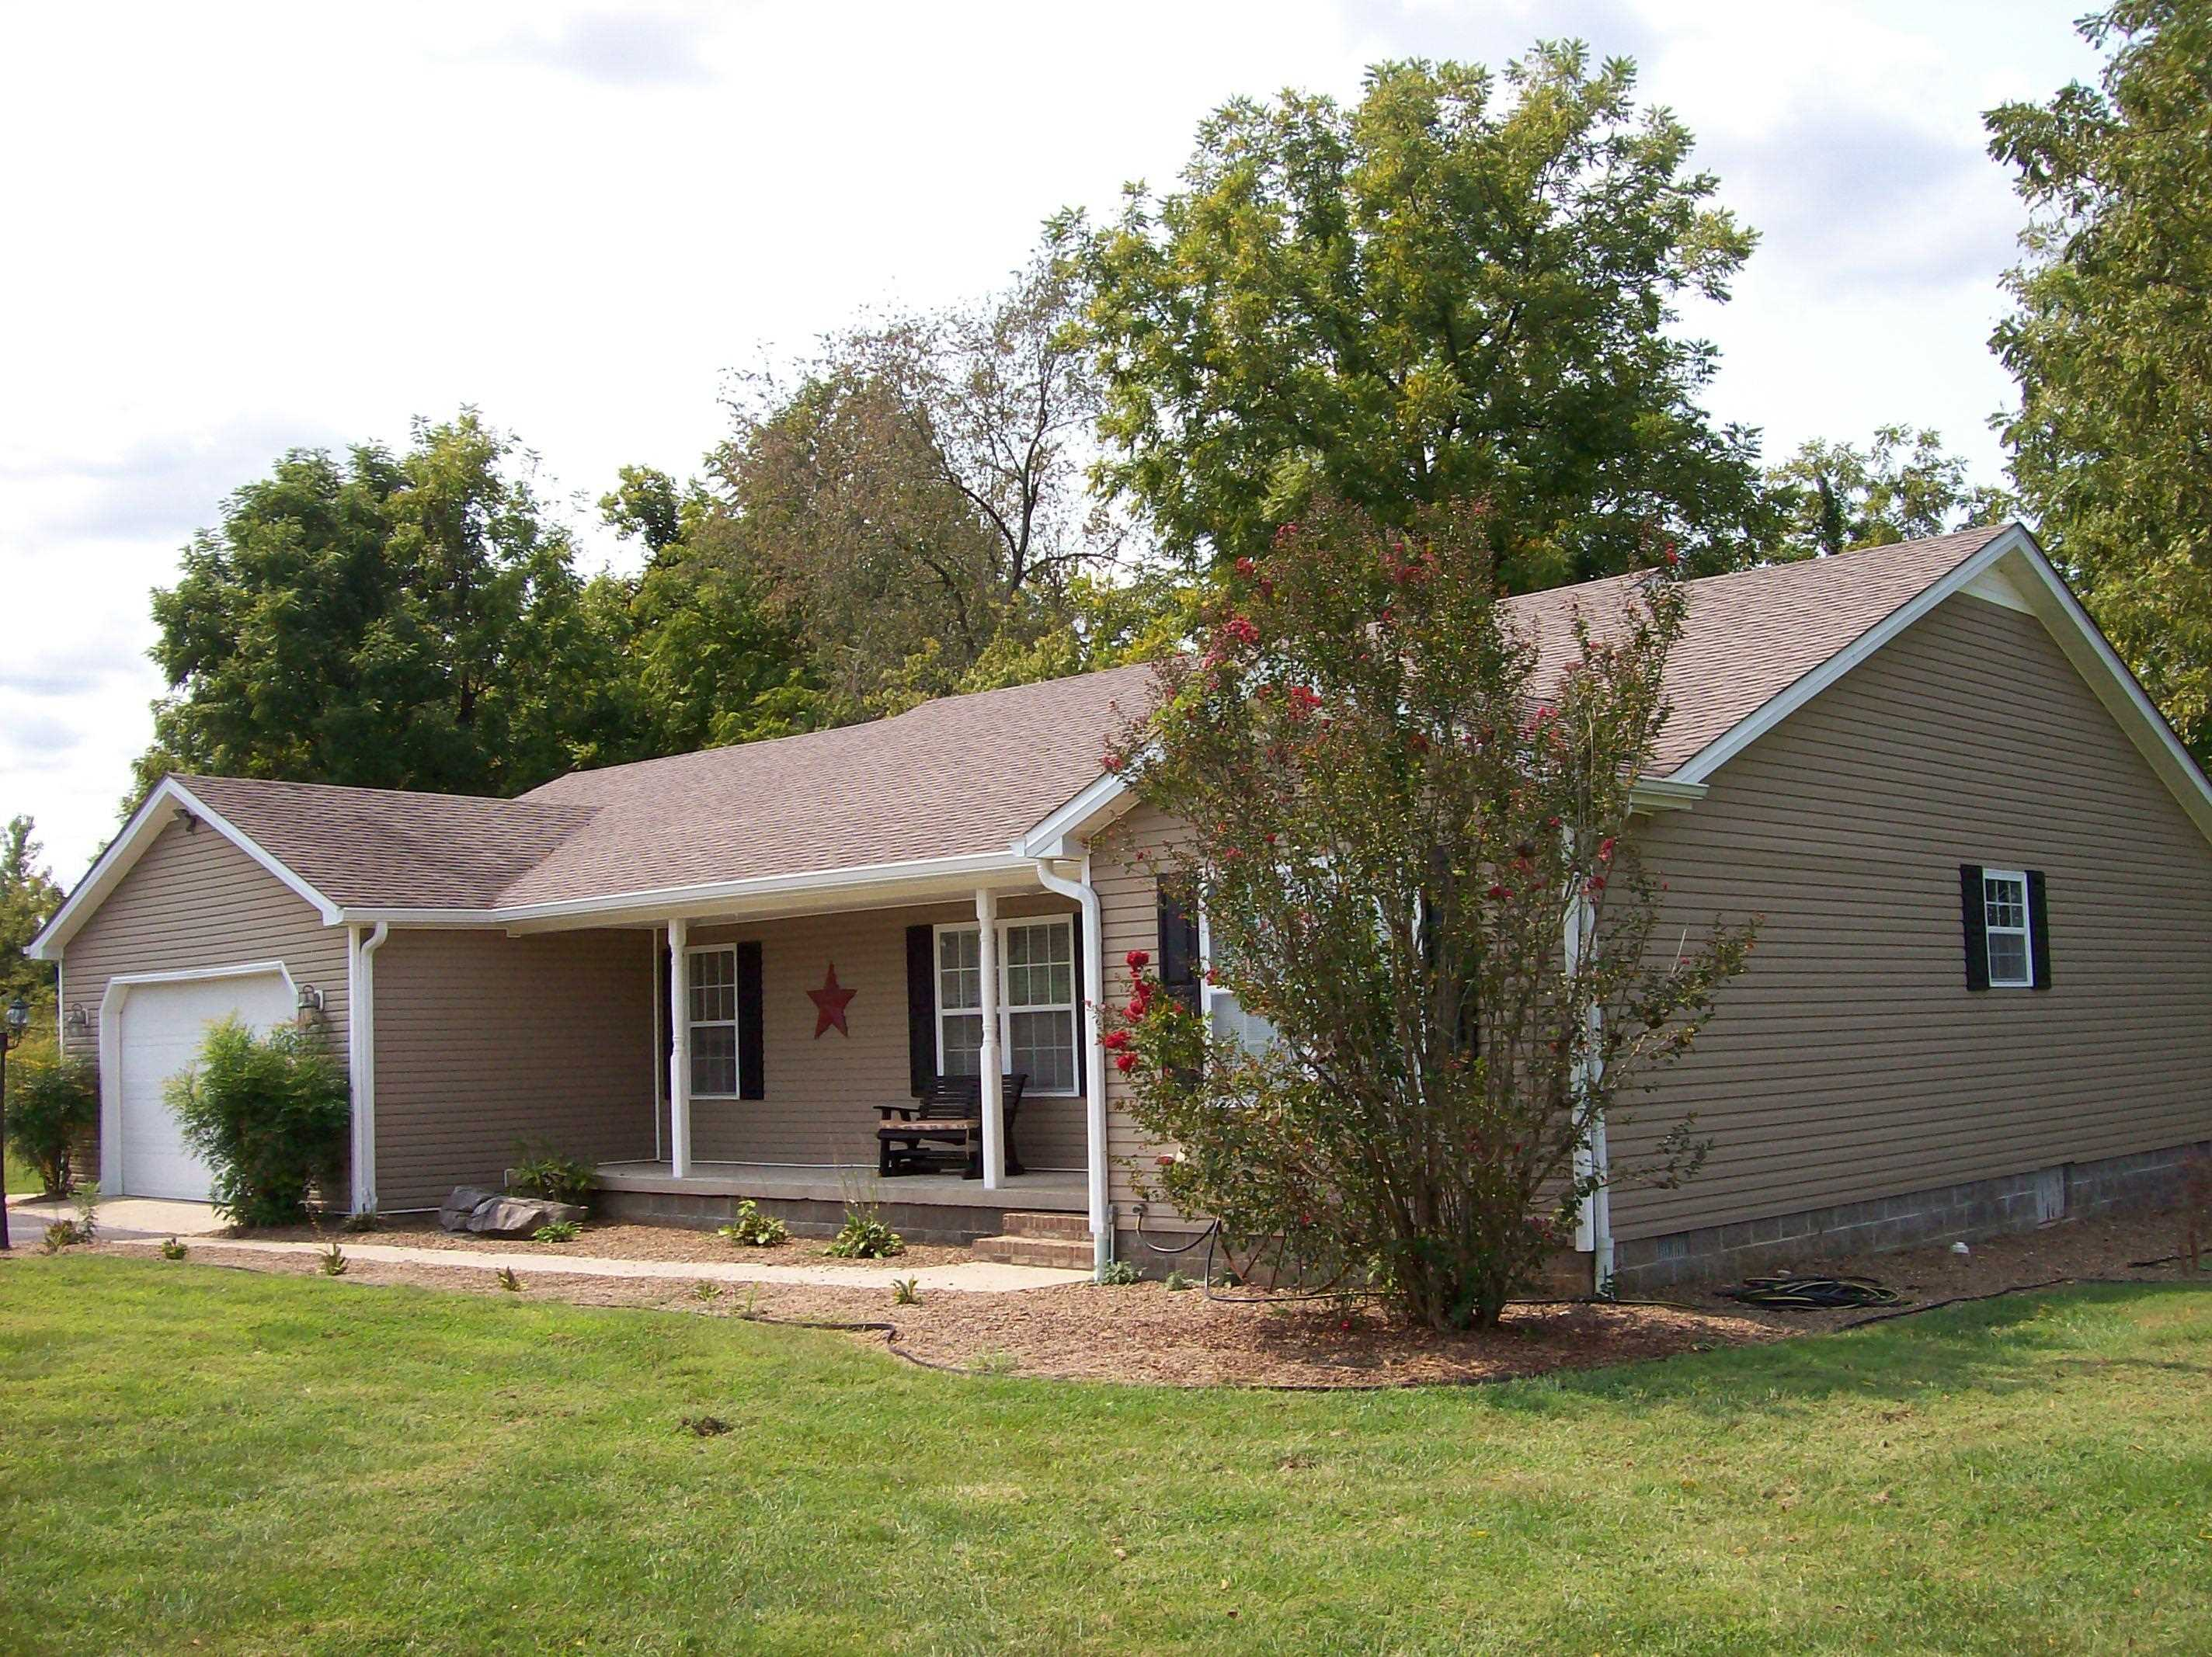 155 Dakota Ln, Russellville, KY 42276